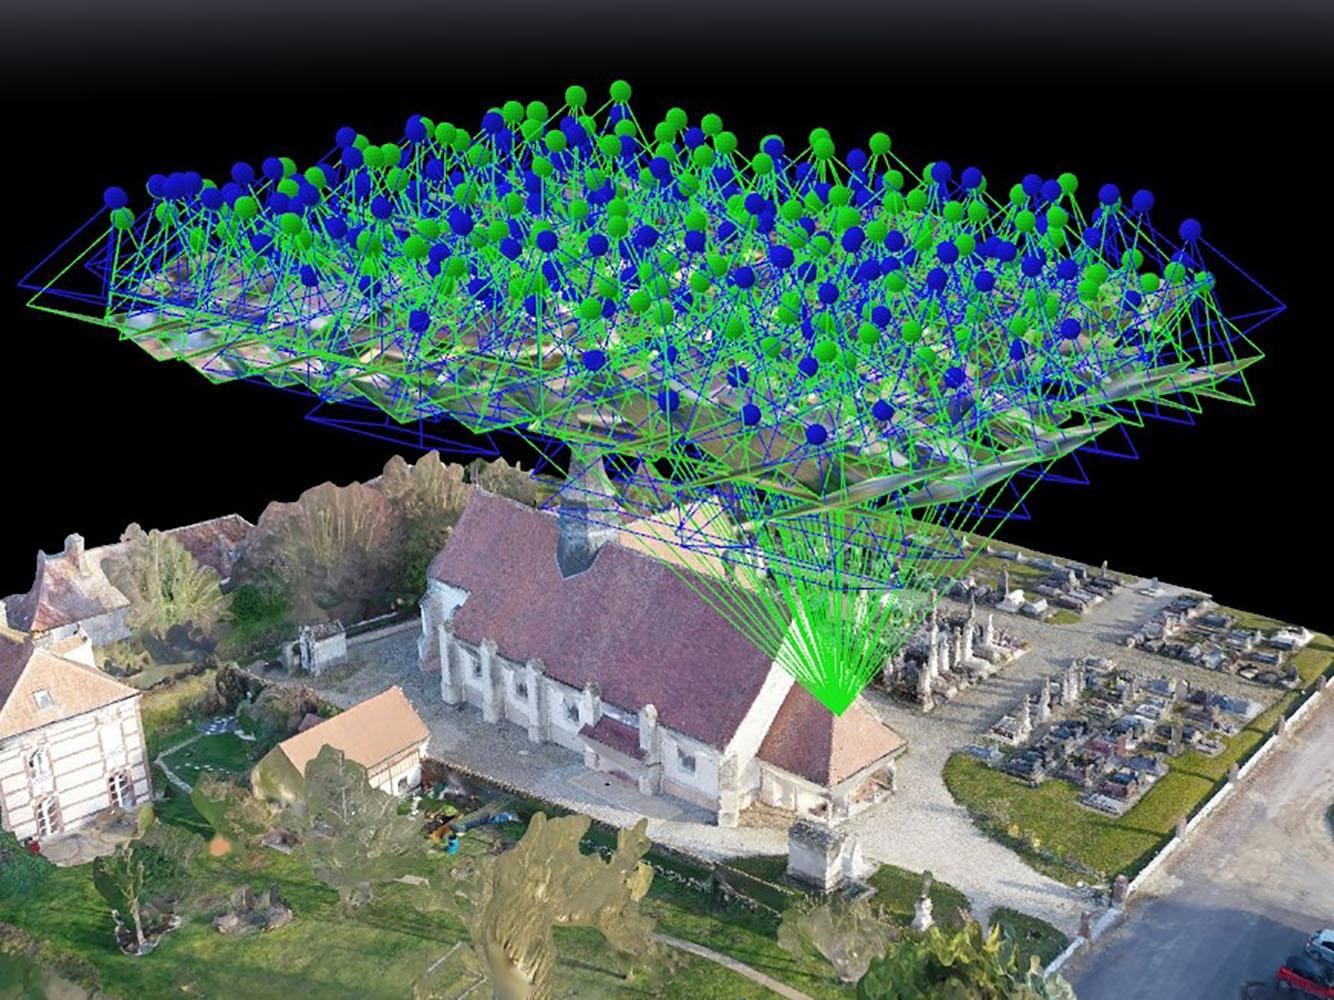 Photogrammétrie complète avec pilotage de drones / Formation n°6